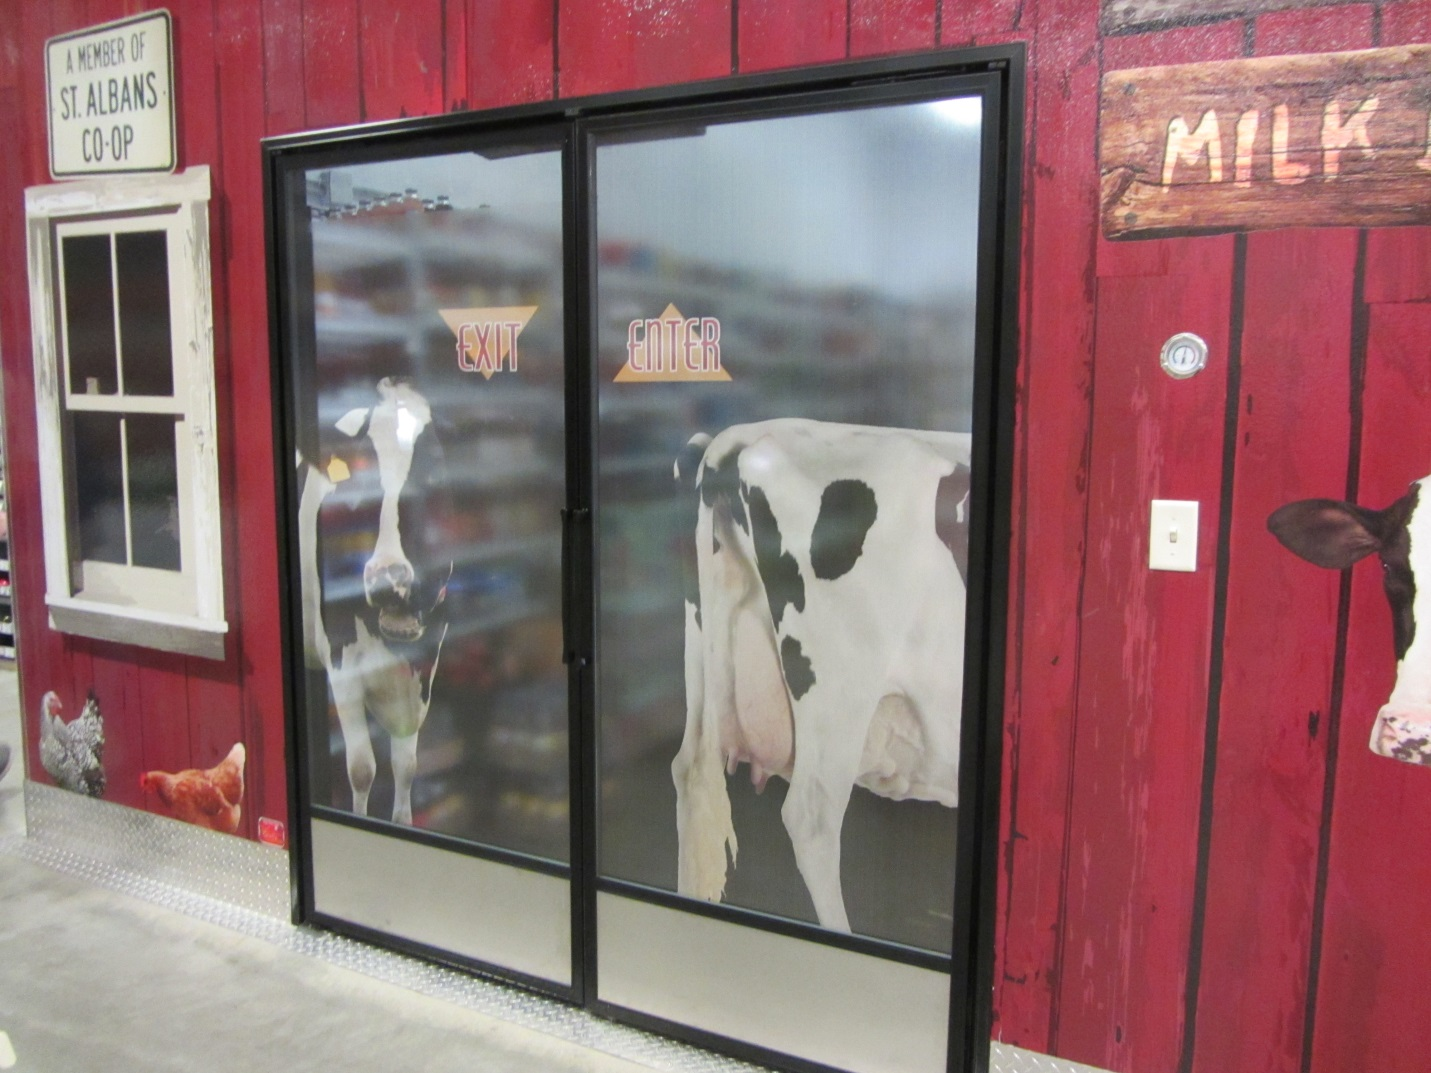 MBTM Tour Photo 3 St Albans Store